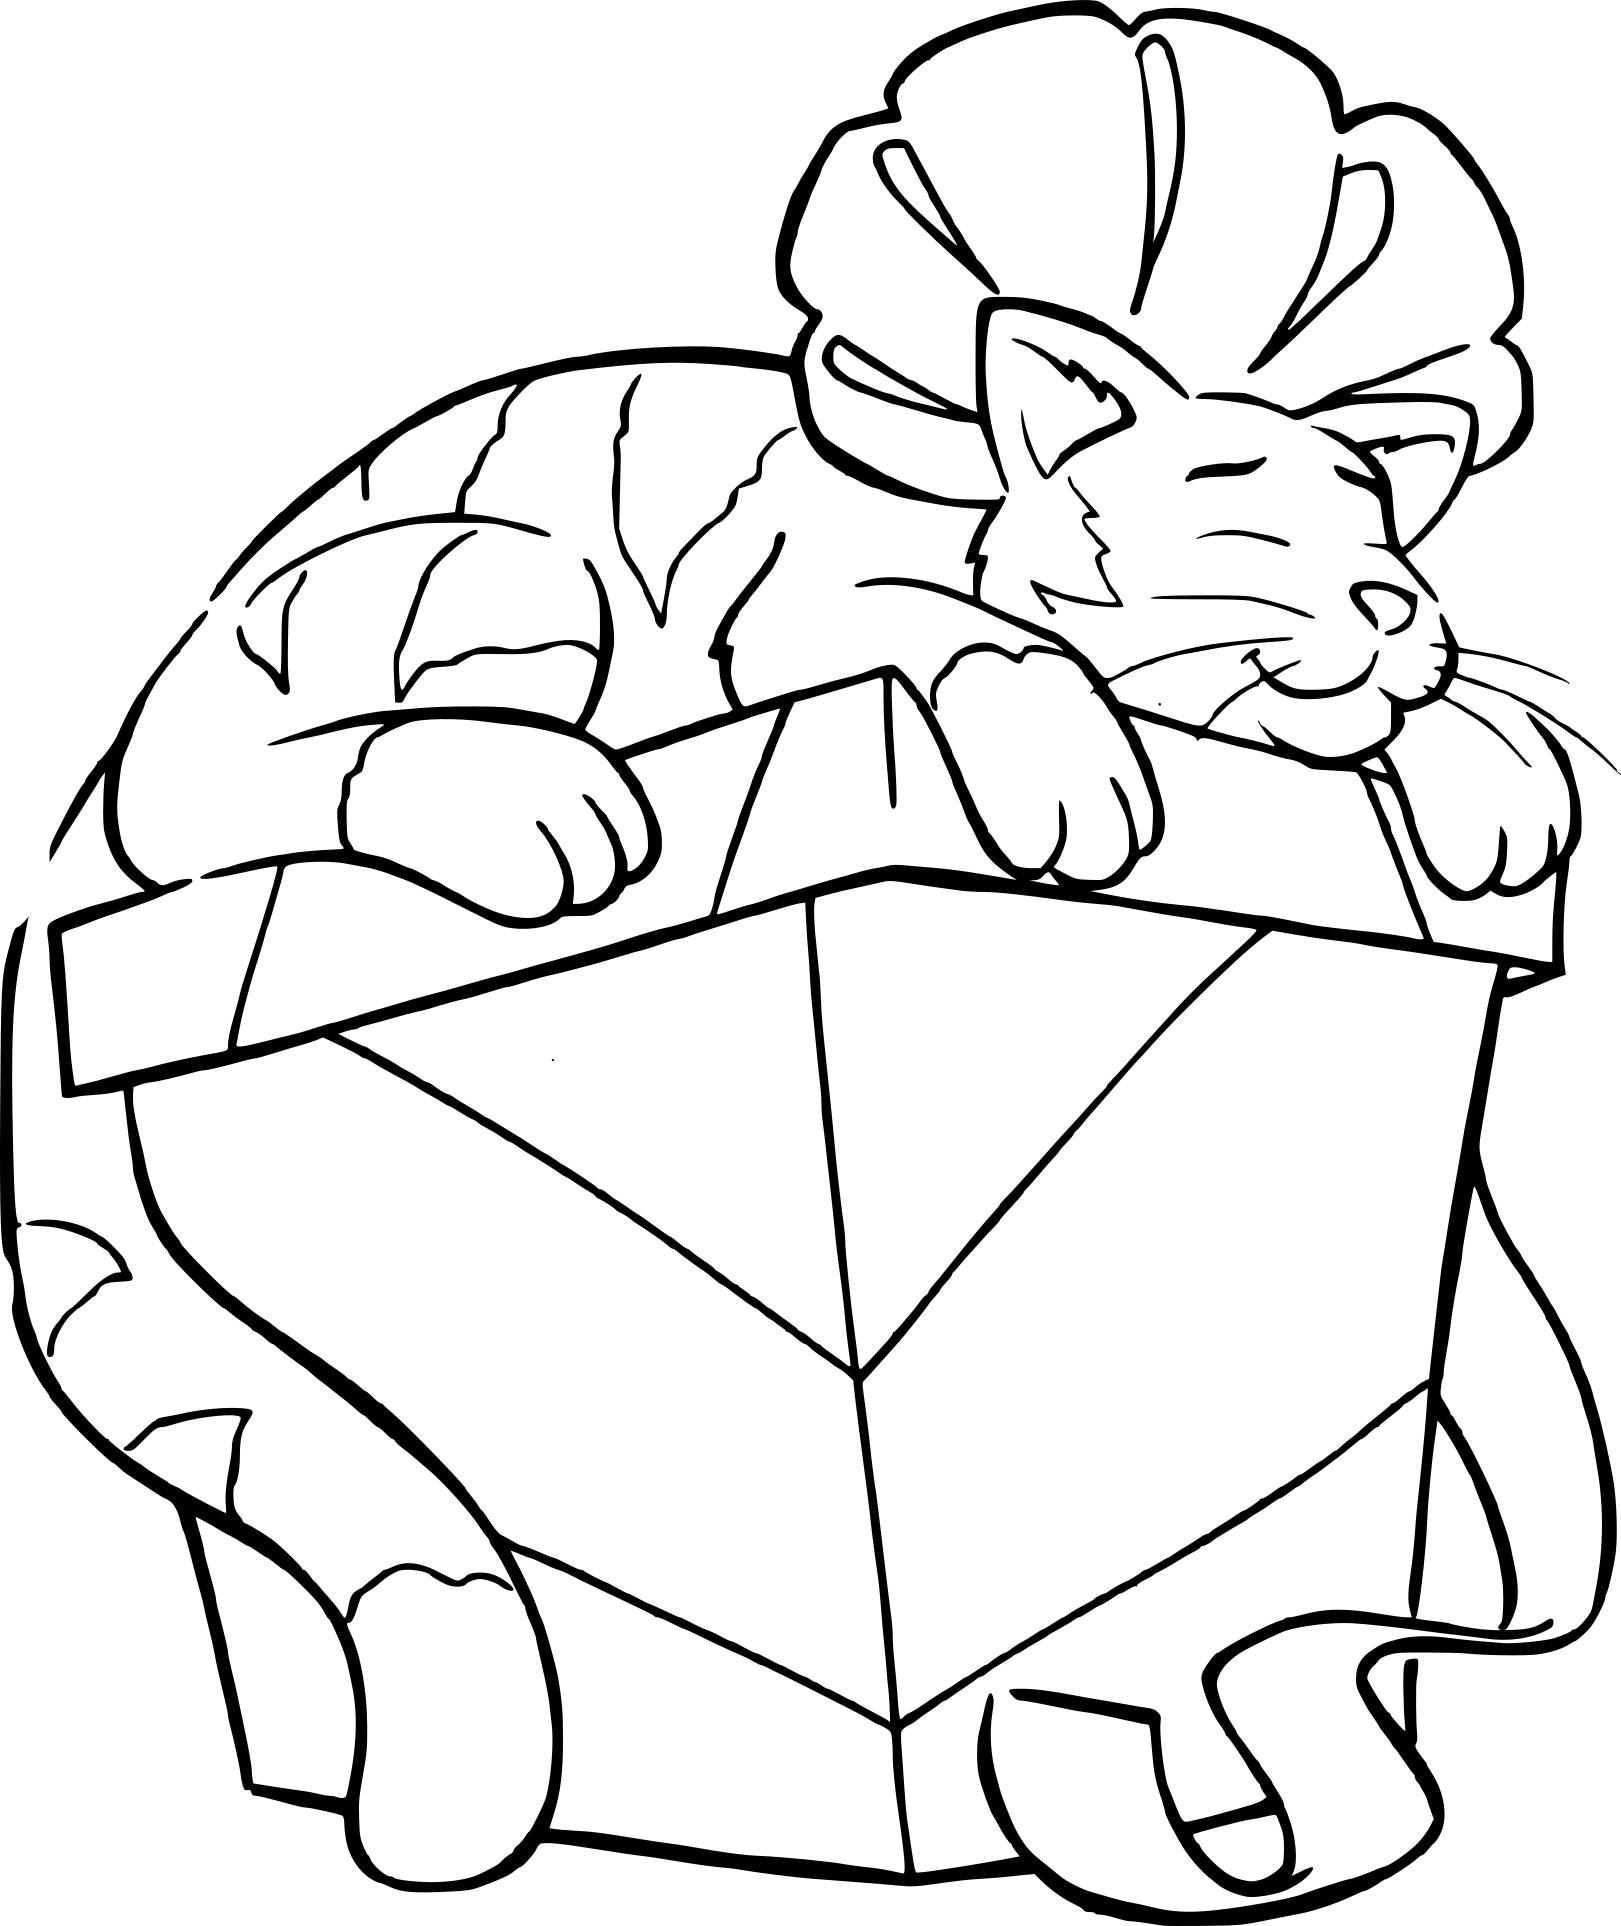 Coloriage Chat Dort Sur Un Cadeau De Noel À Imprimer serapportantà Coloriage De Chat De Noel